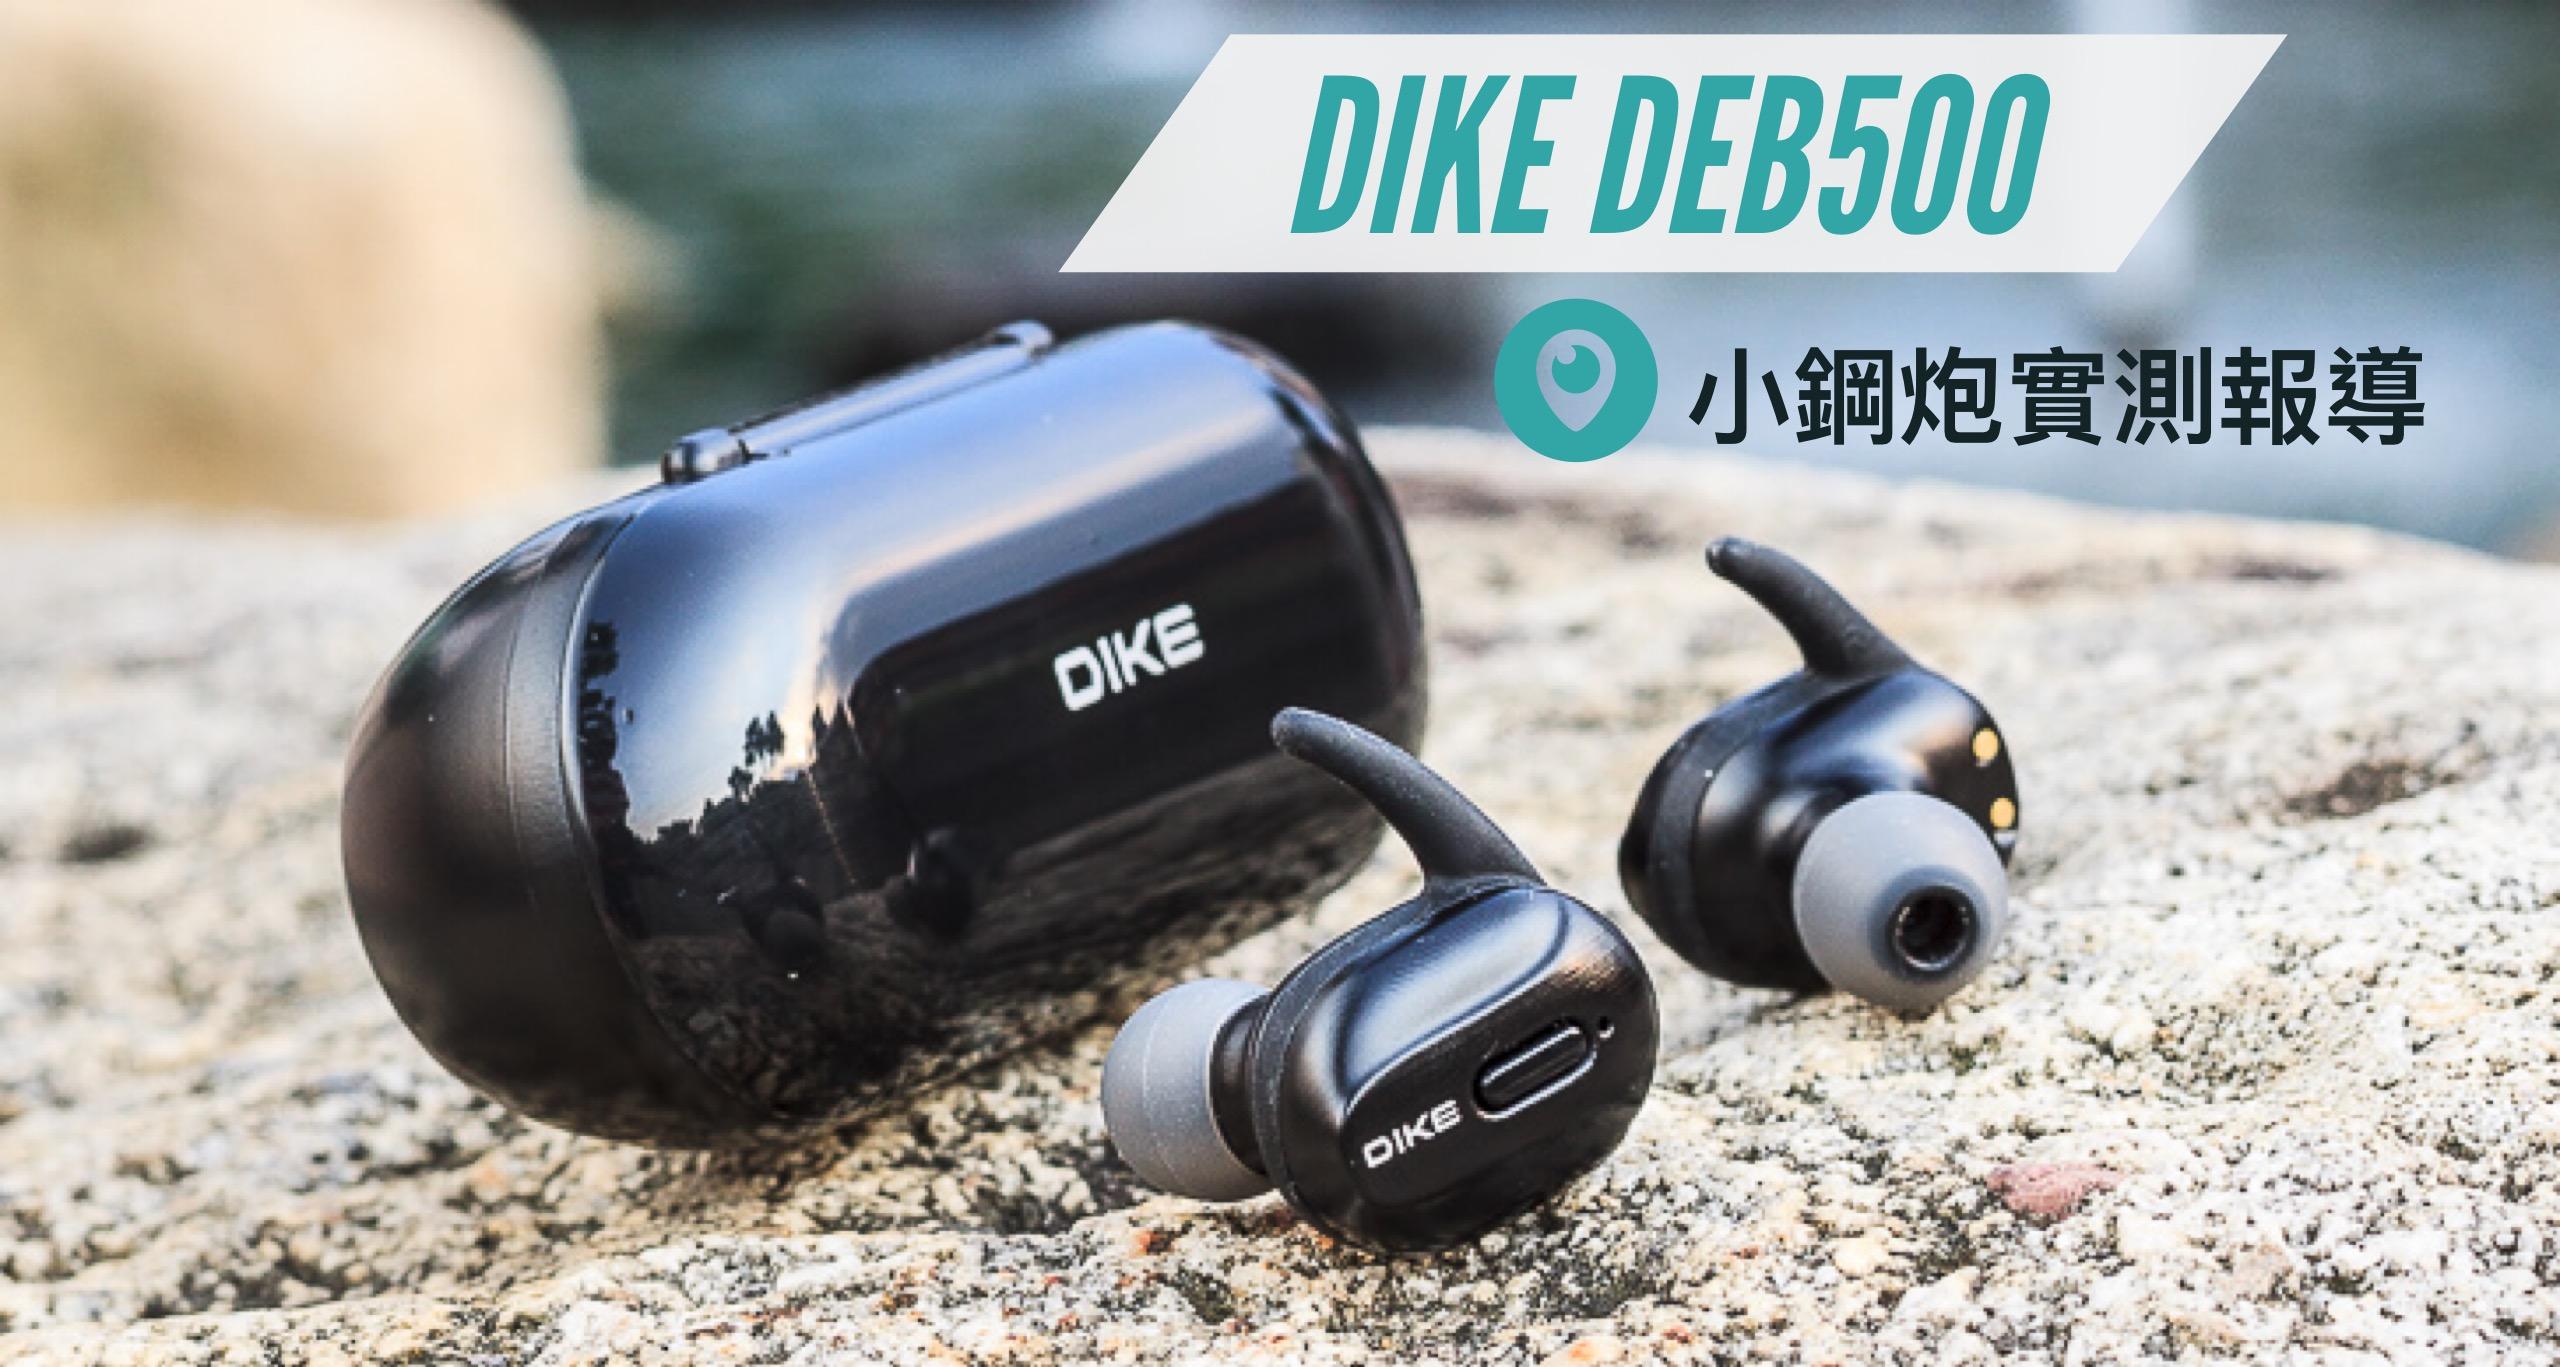 耳機界的超級小鋼炮!DIKE DEB500真無線藍牙耳機,傳遞優質震撼聽感